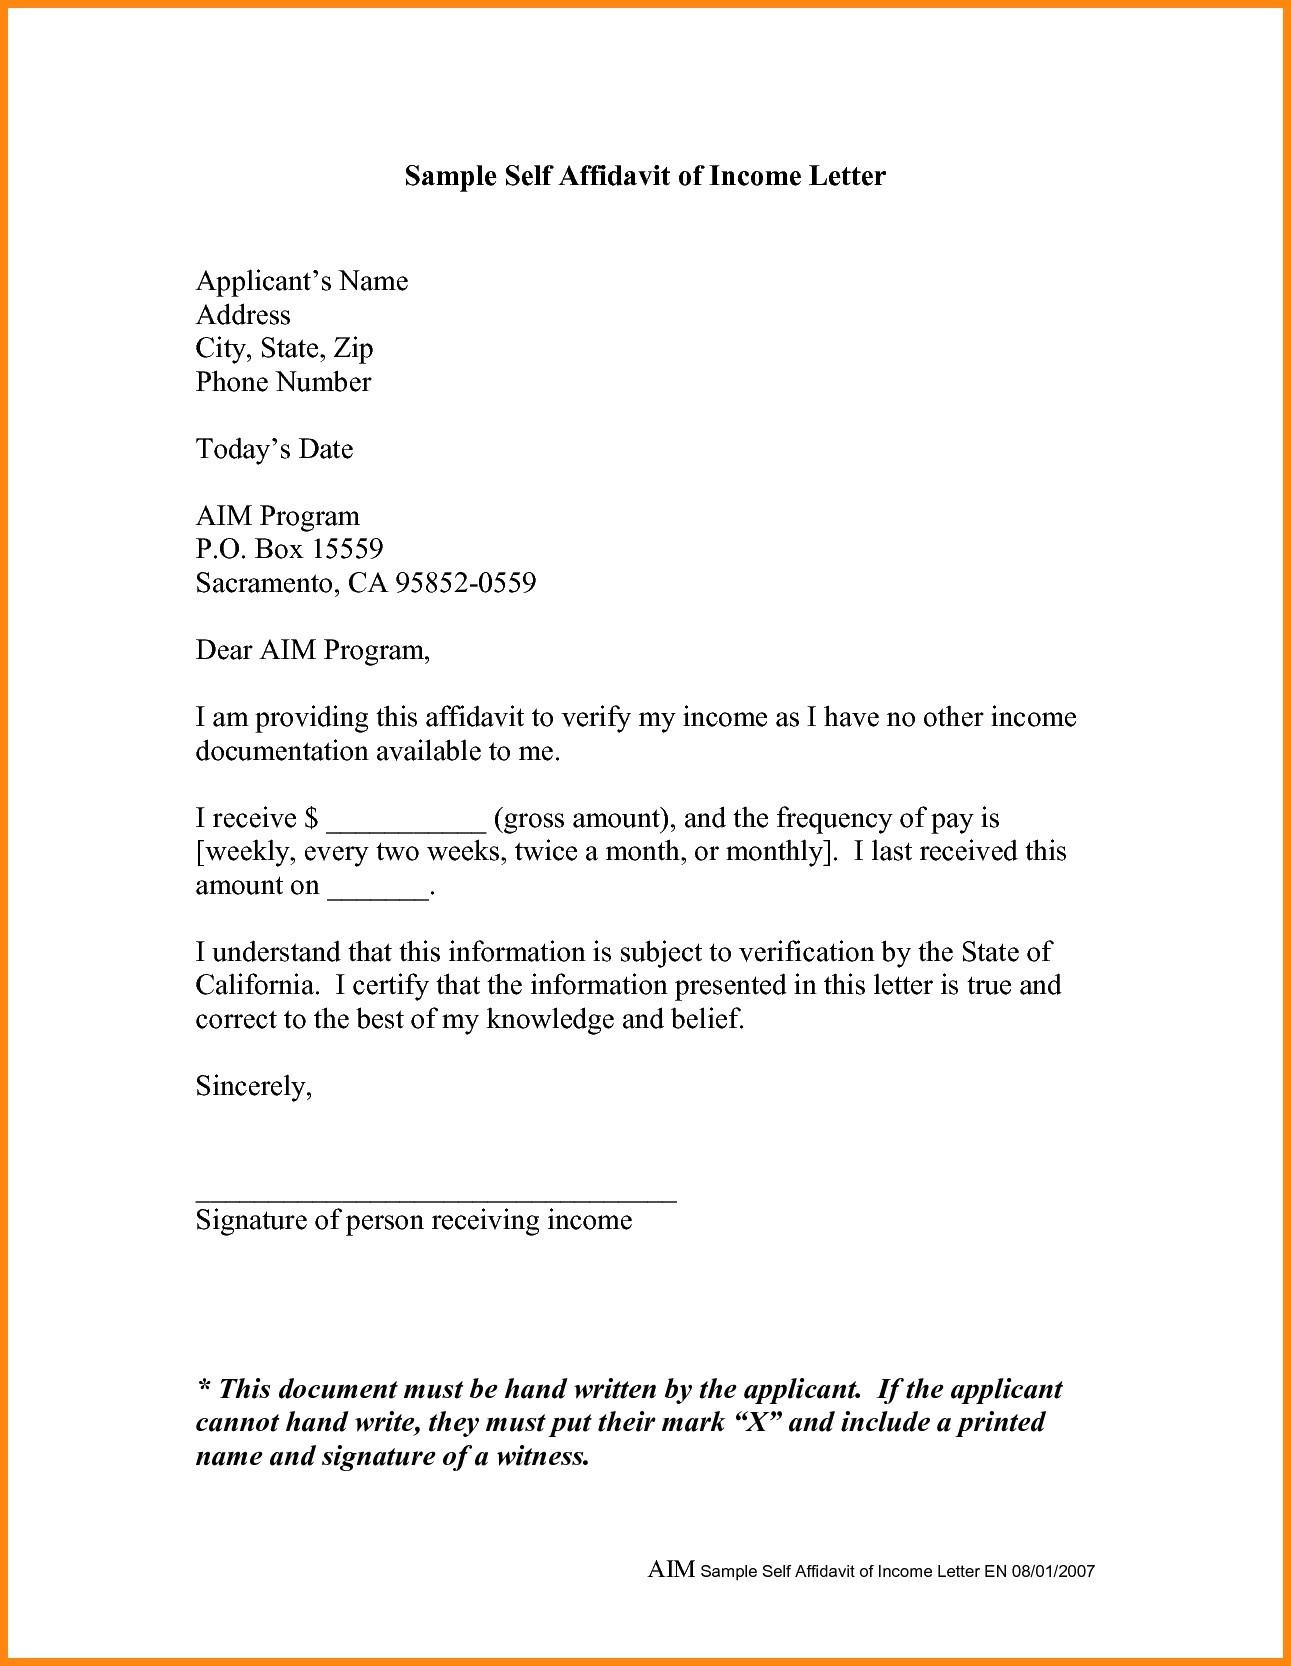 Affidavit Letter Template - Affidavit Letter Sample Fresh Letter Affidavit Olalaopx for